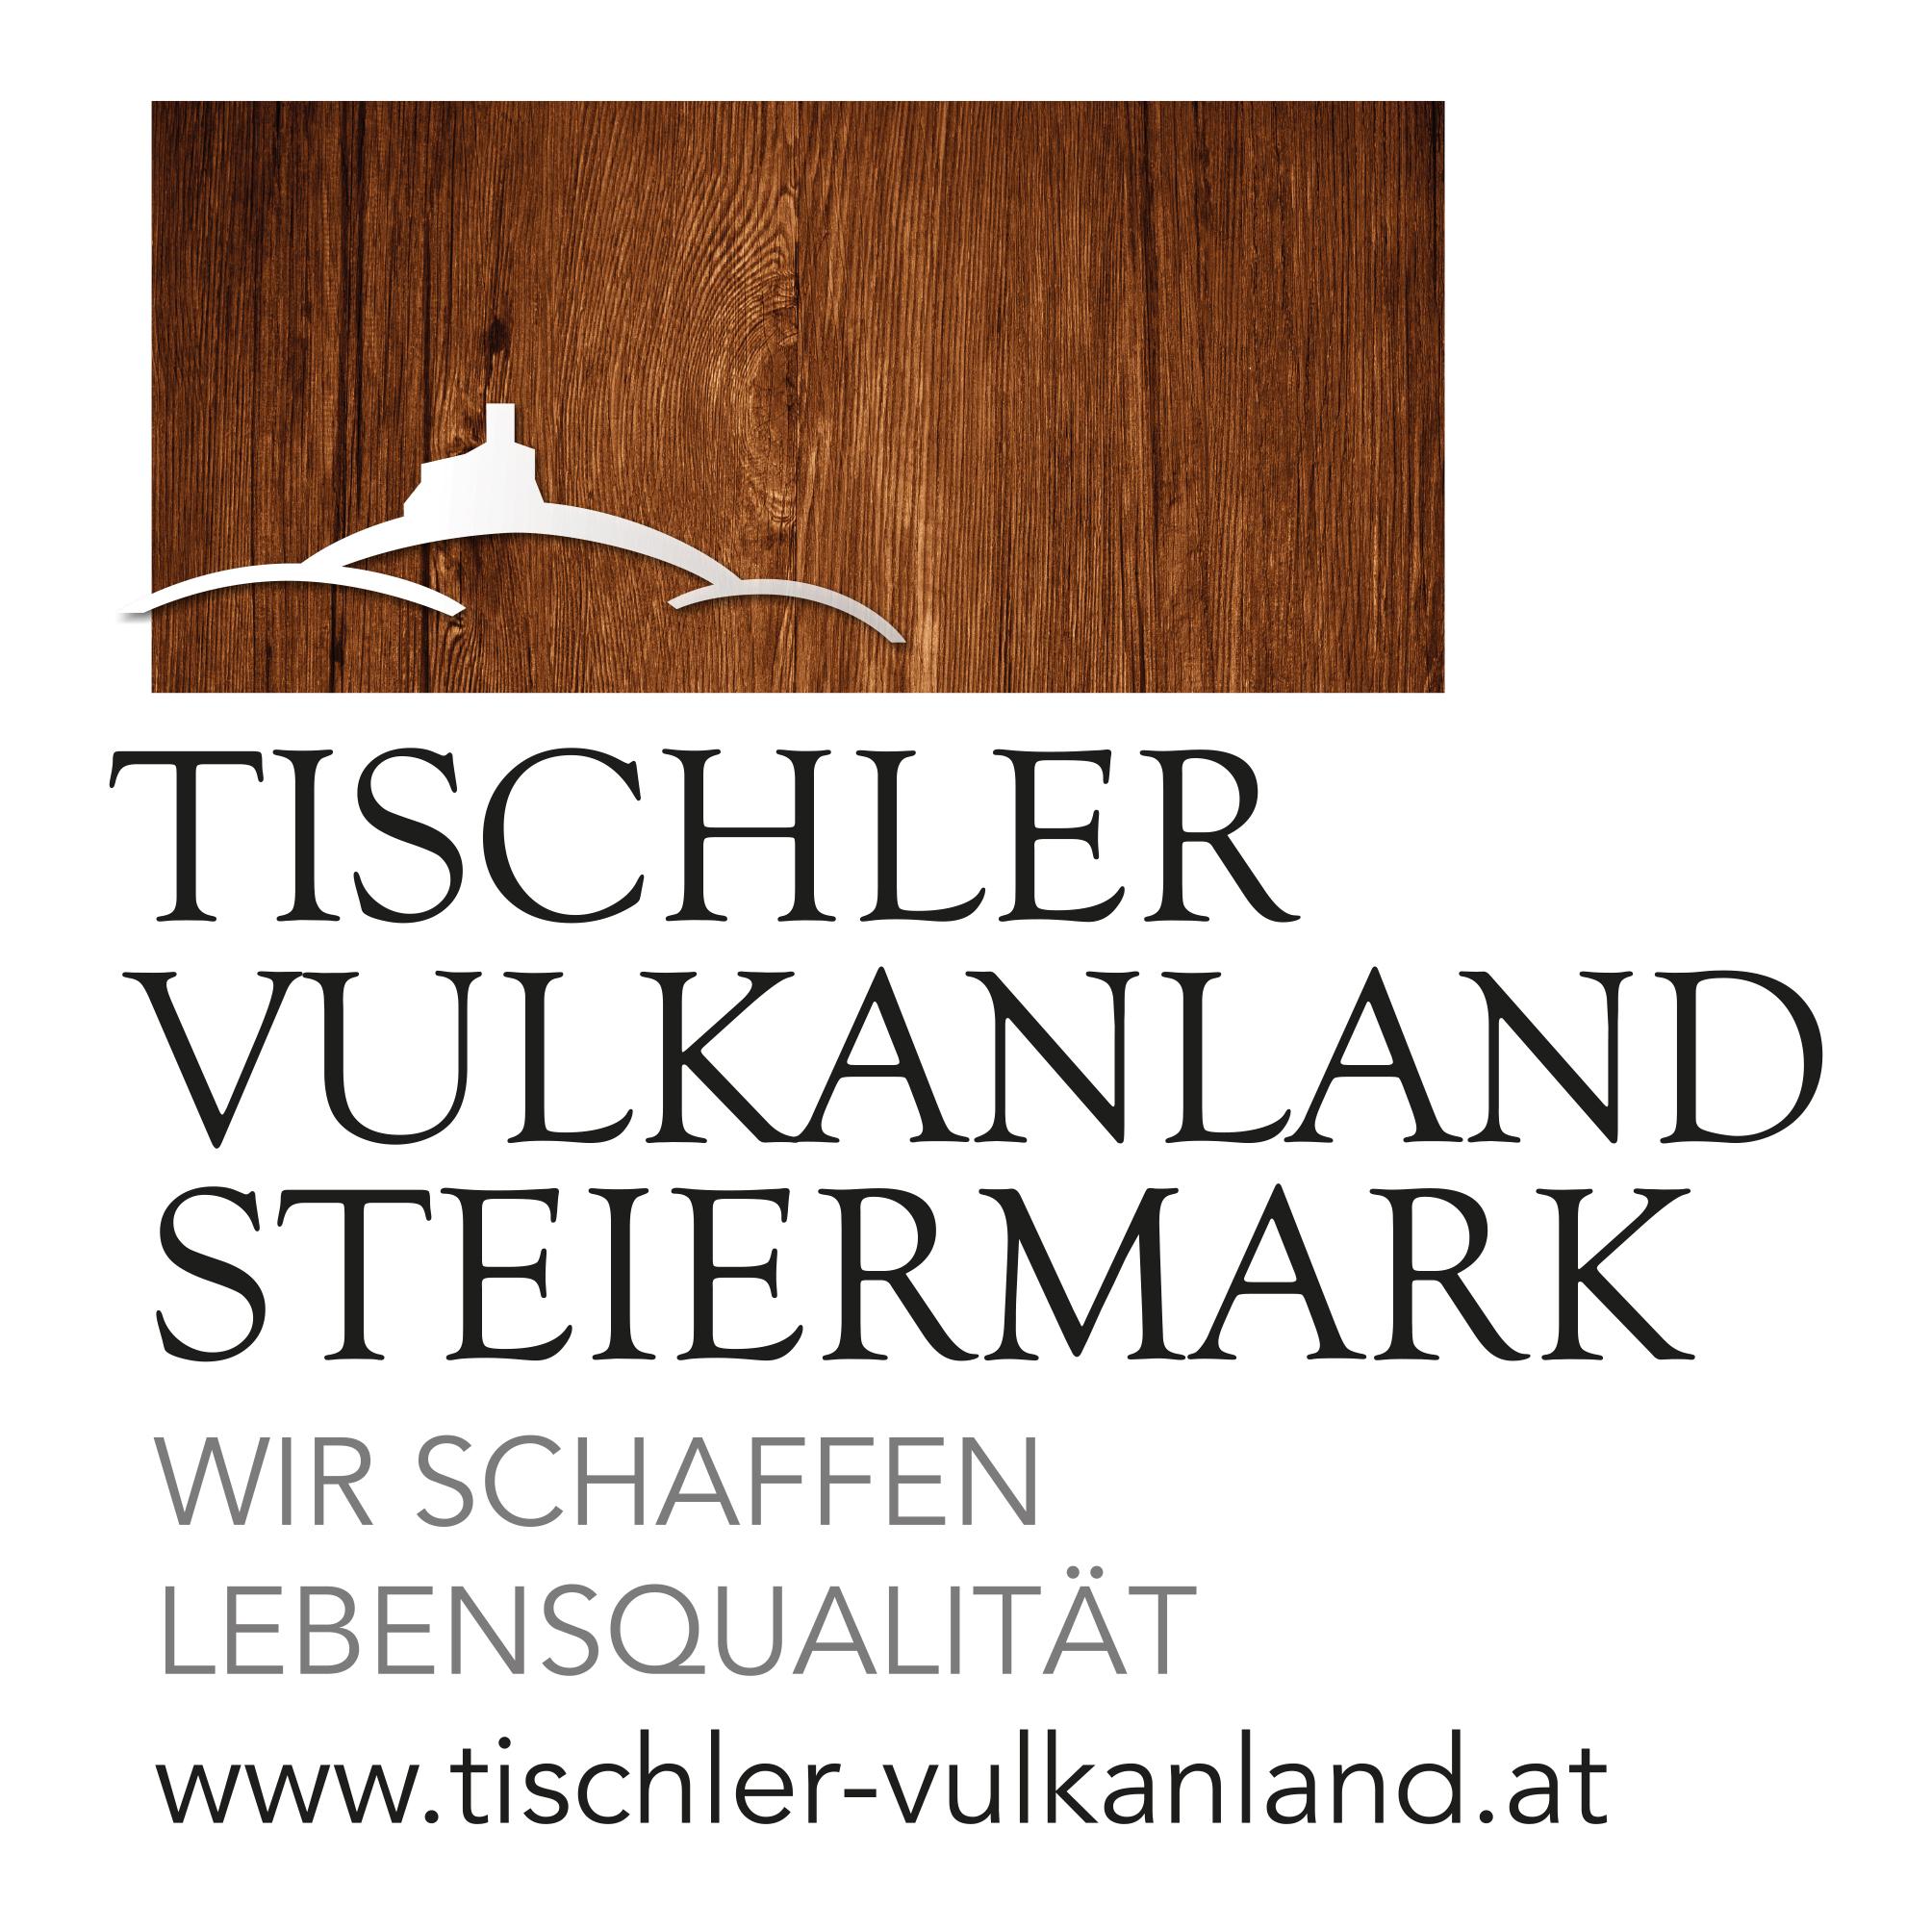 VL-Tischler-Marke